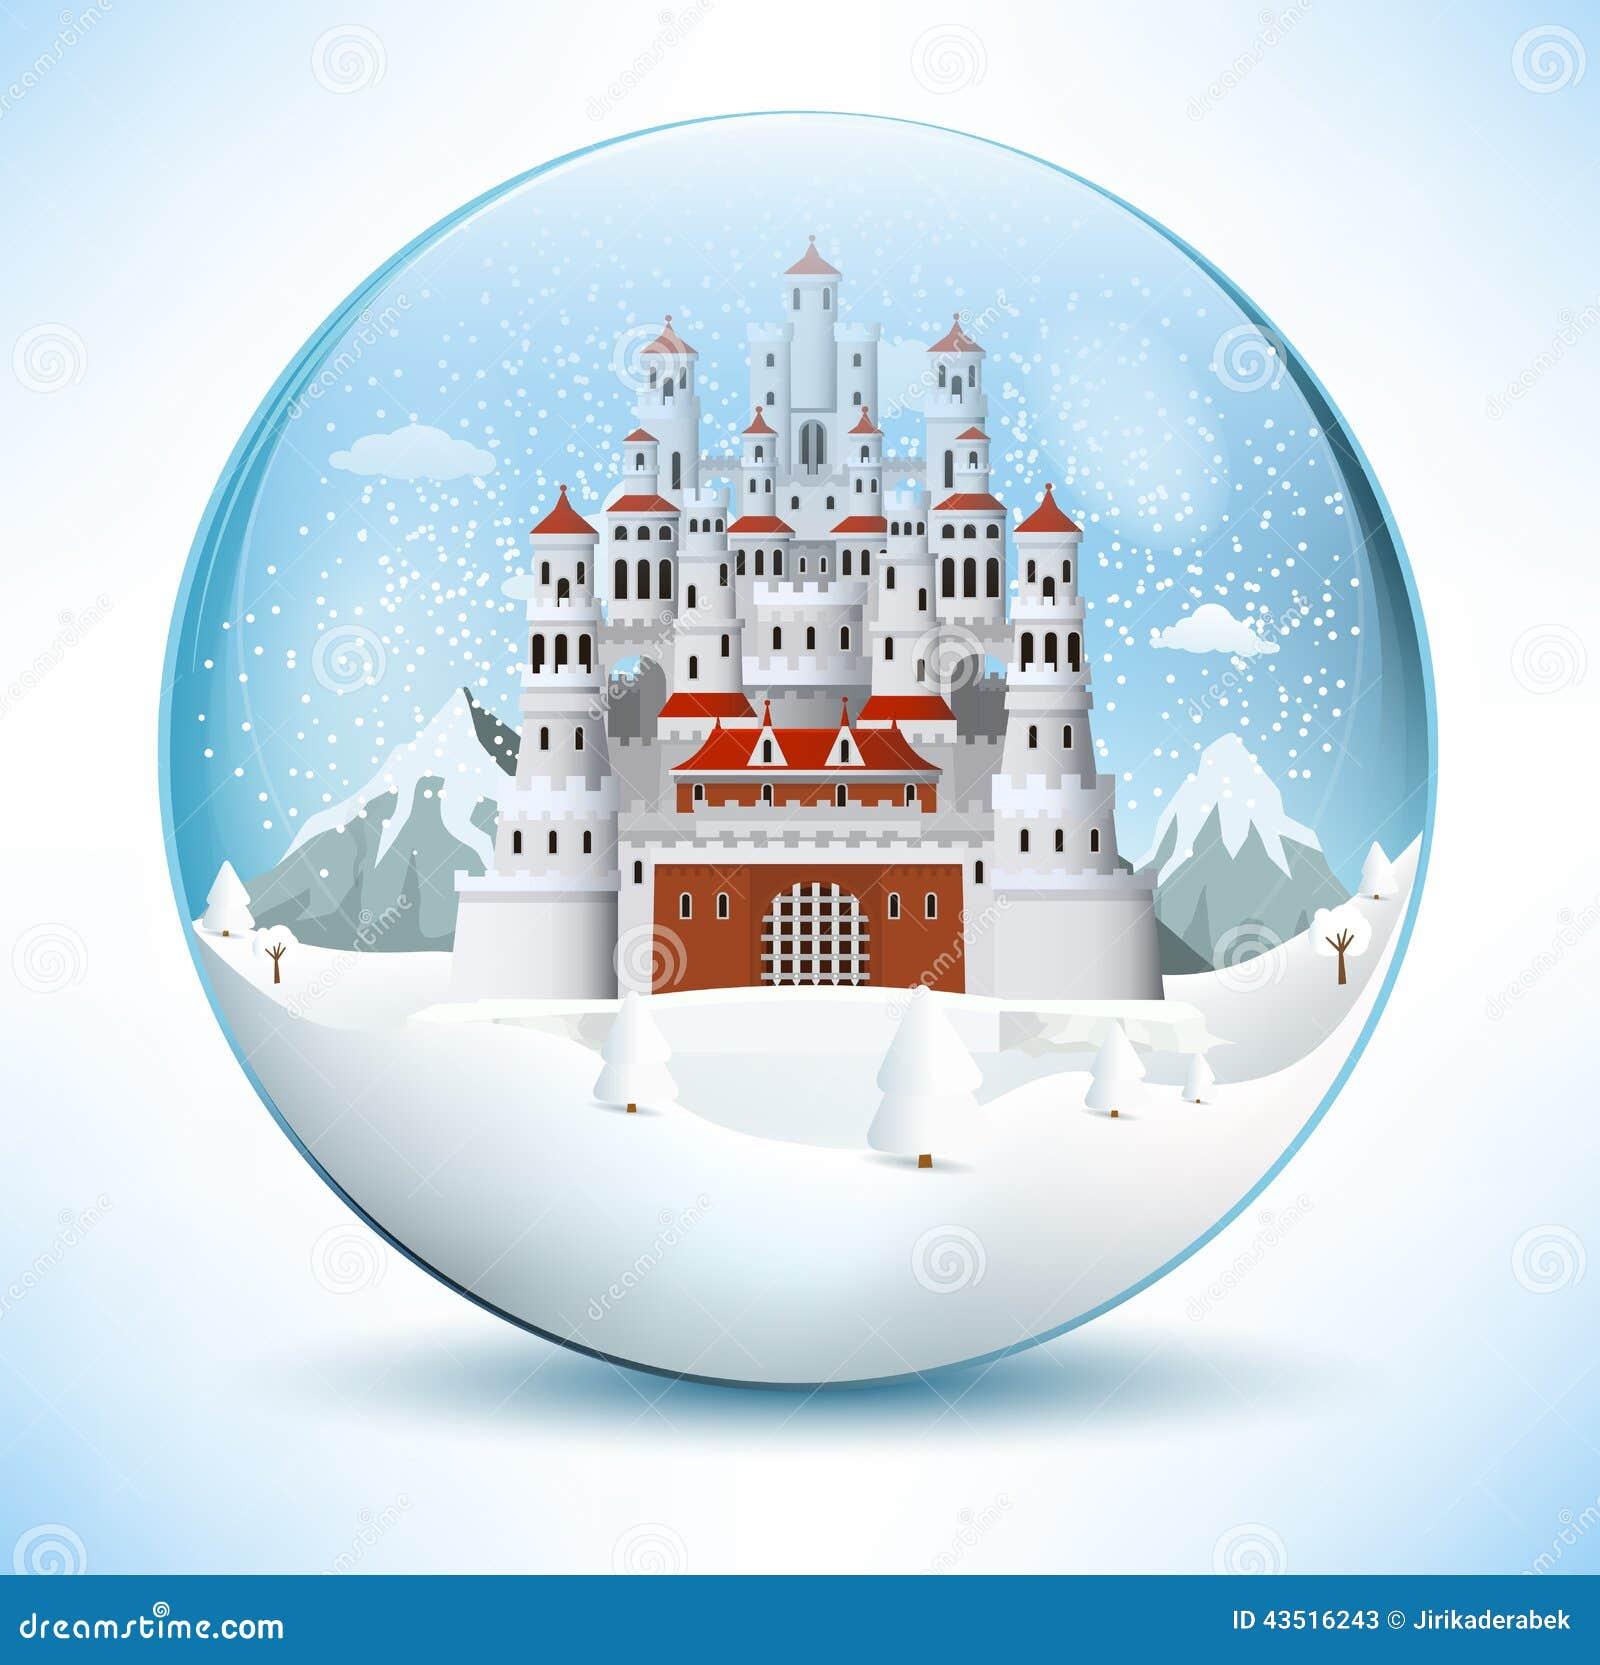 Castillo del cuento de hadas en la esfera de cristal